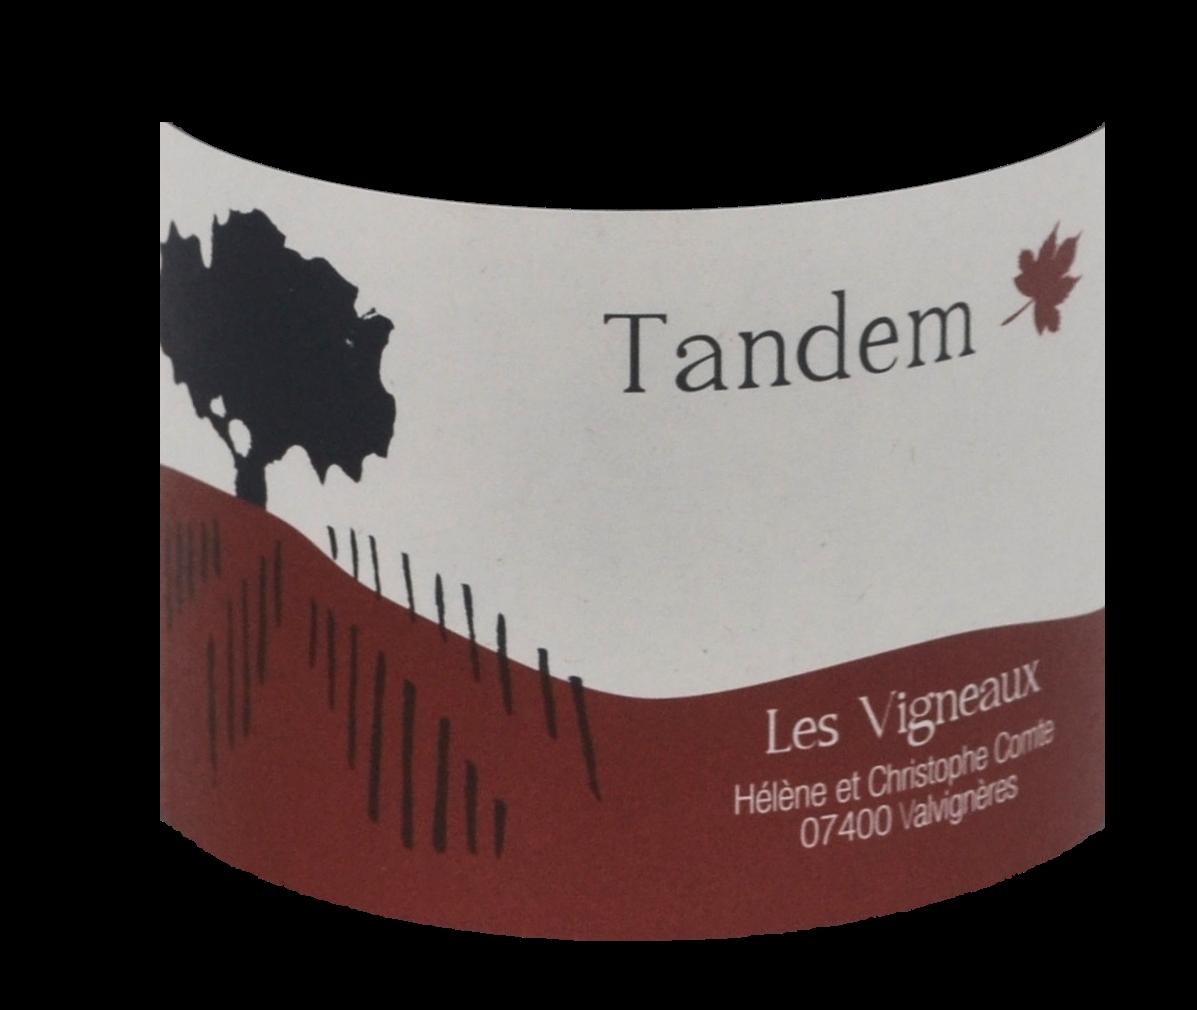 Tandem - 2016 - étiquette - Domaine des Vigneaux - Hélène et Christophe Comte